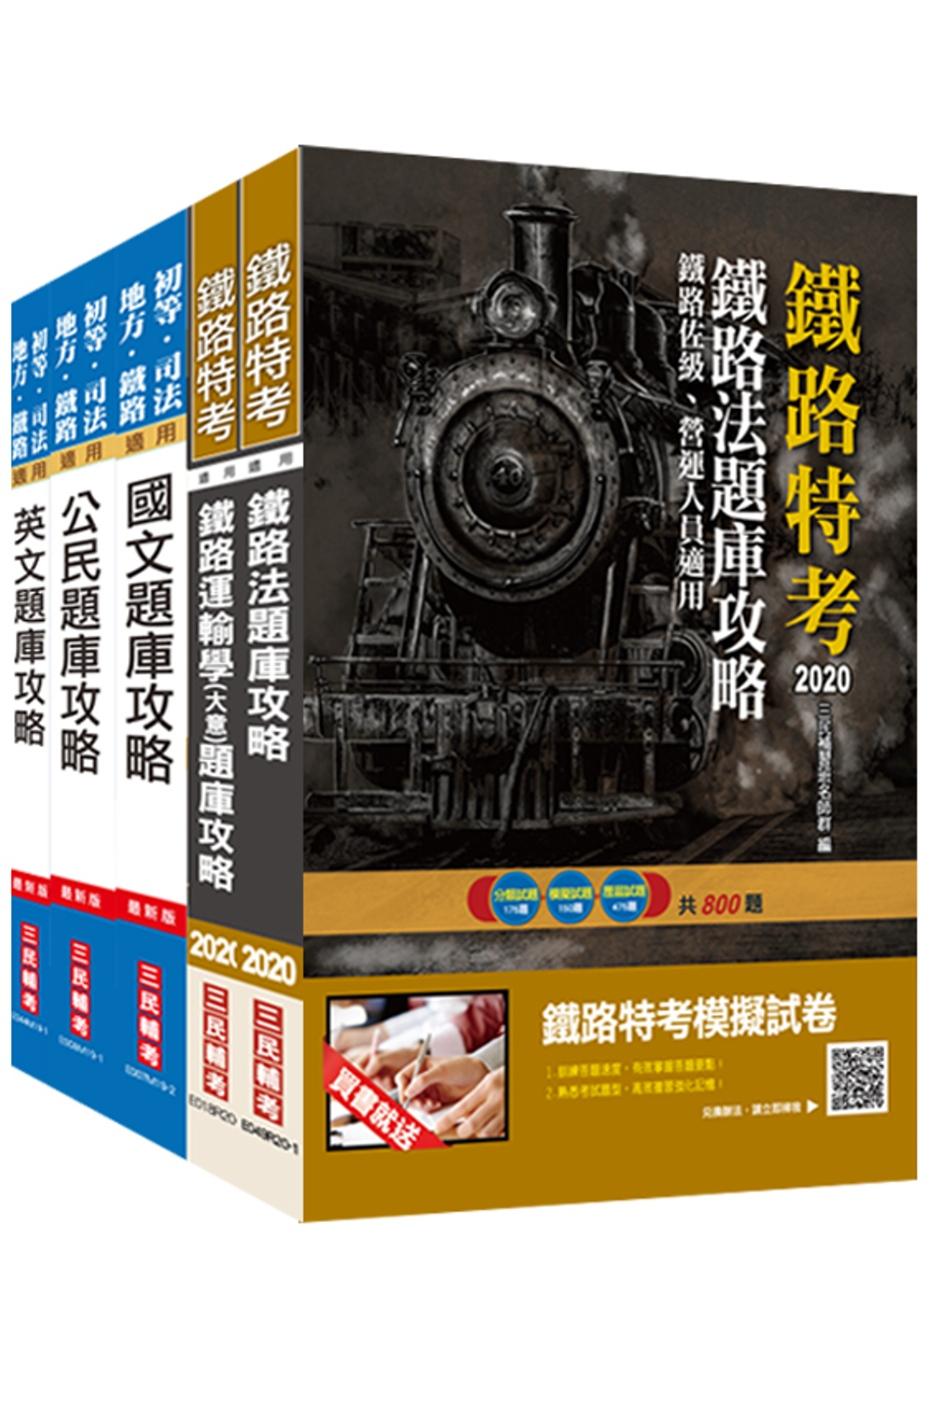 2020年鐵路佐級[場站調車]題庫攻略套書(總題數4930題)(贈公民搶分小法典)